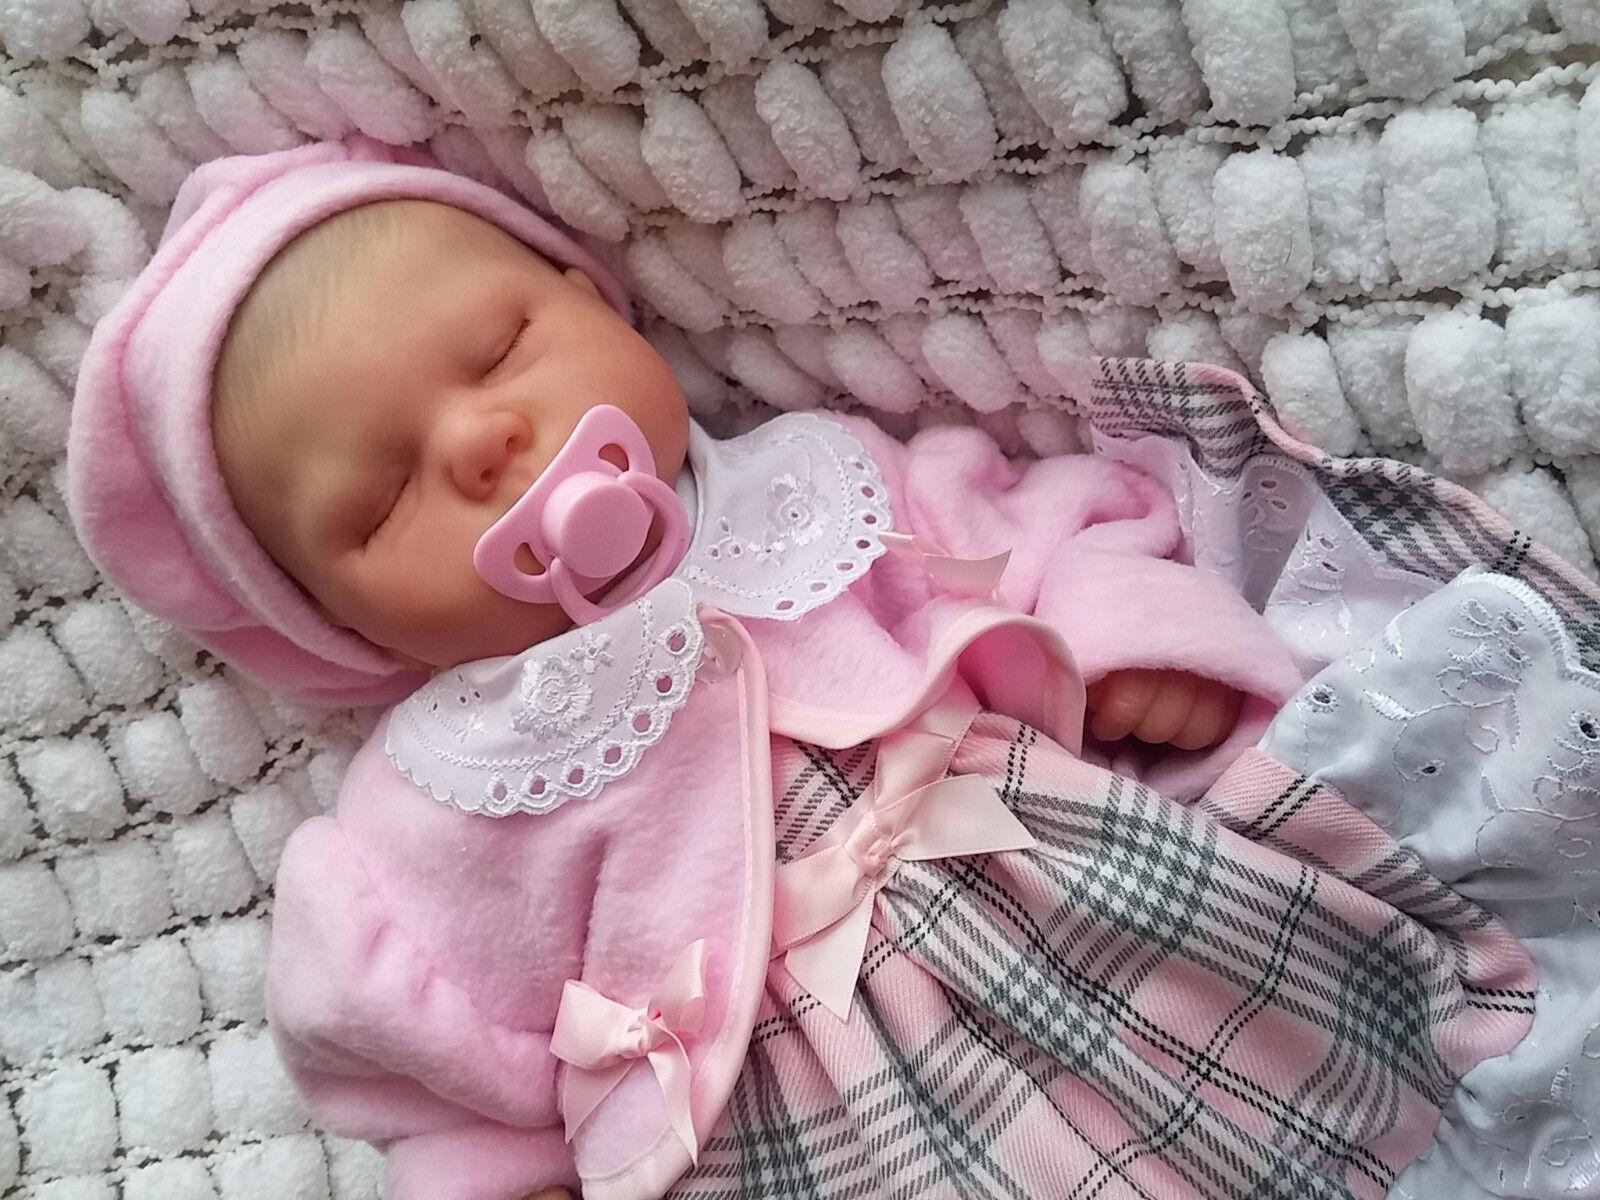 Realista muñecas recién nacido realista Reborn Bebé Spencer Dickison sunbeambabies